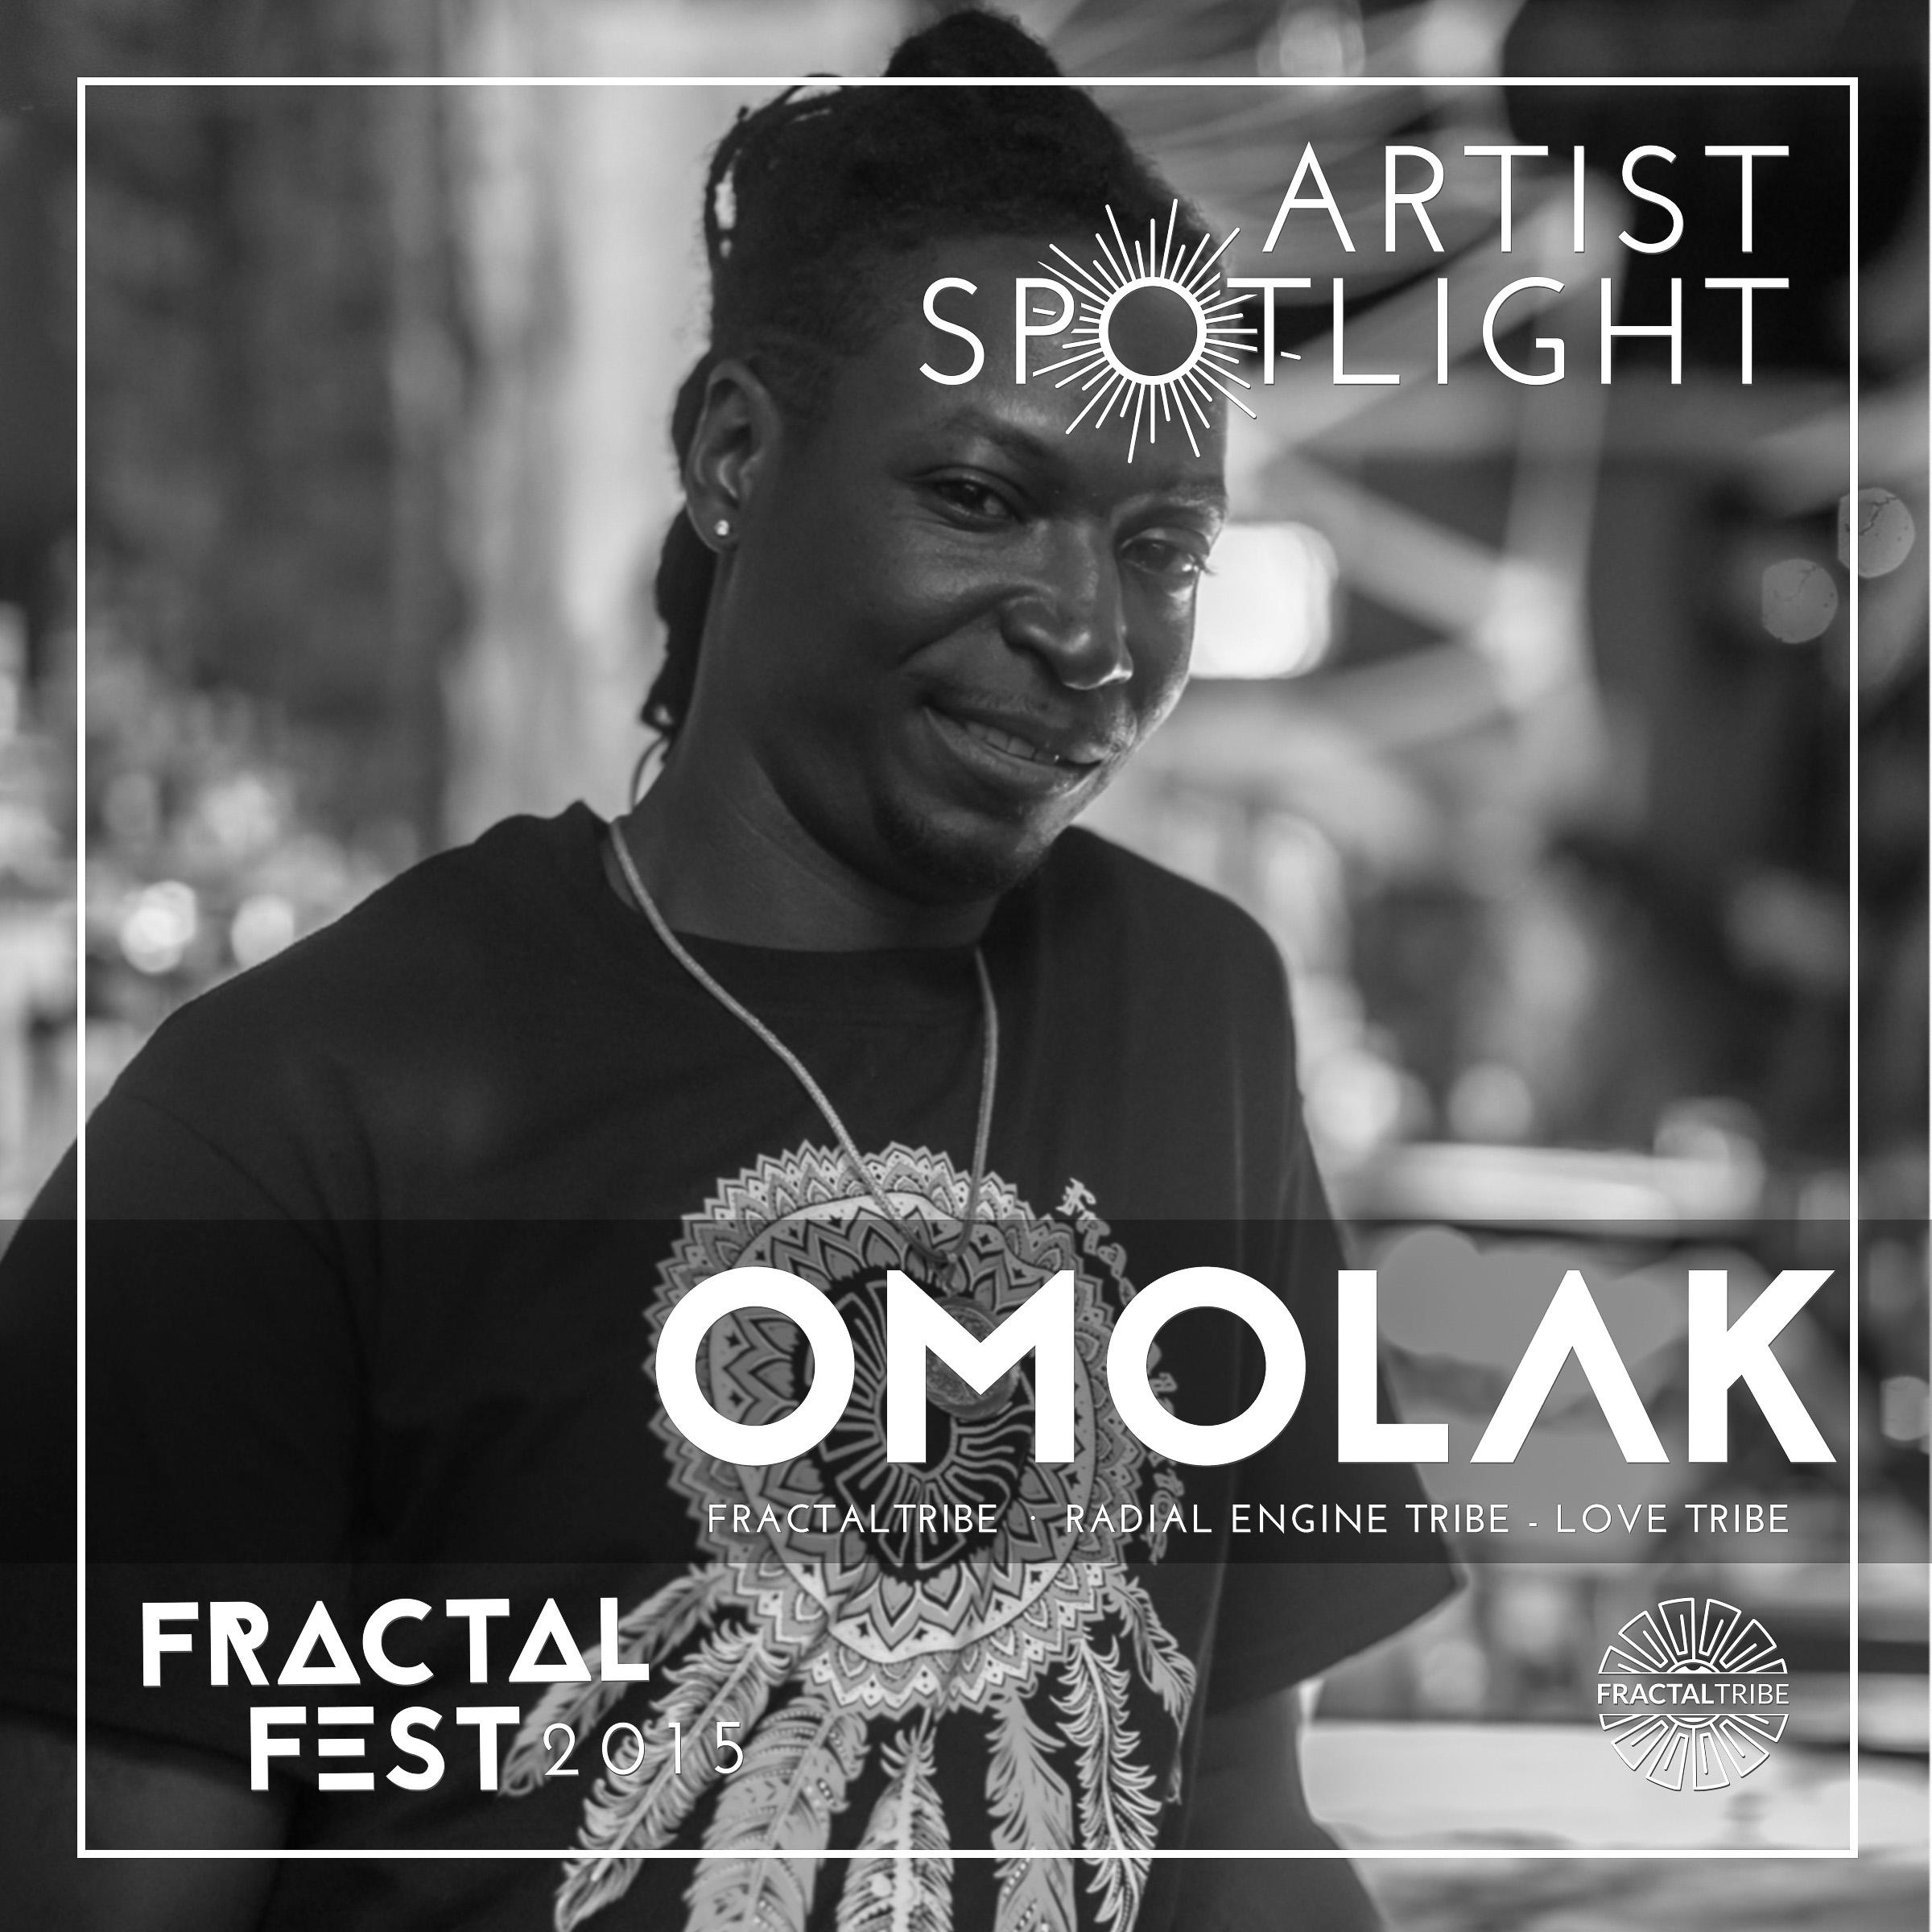 FRACTAL_FEST2015-artist_spotlight-Omolak.jpg